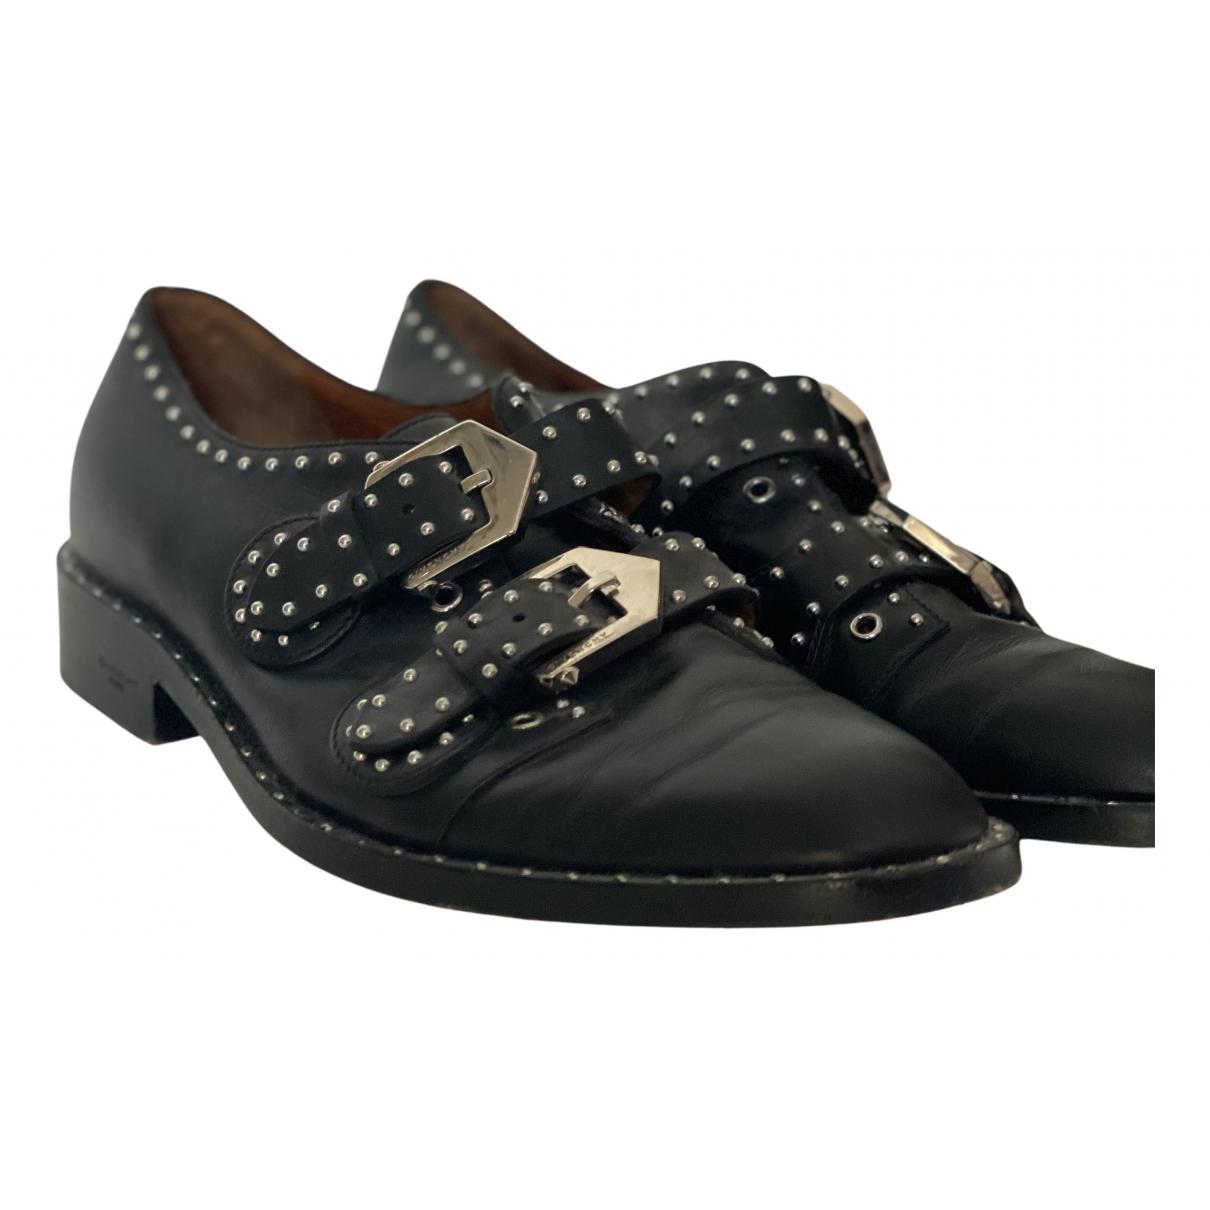 Givenchy - Derbies   pour femme en cuir - noir